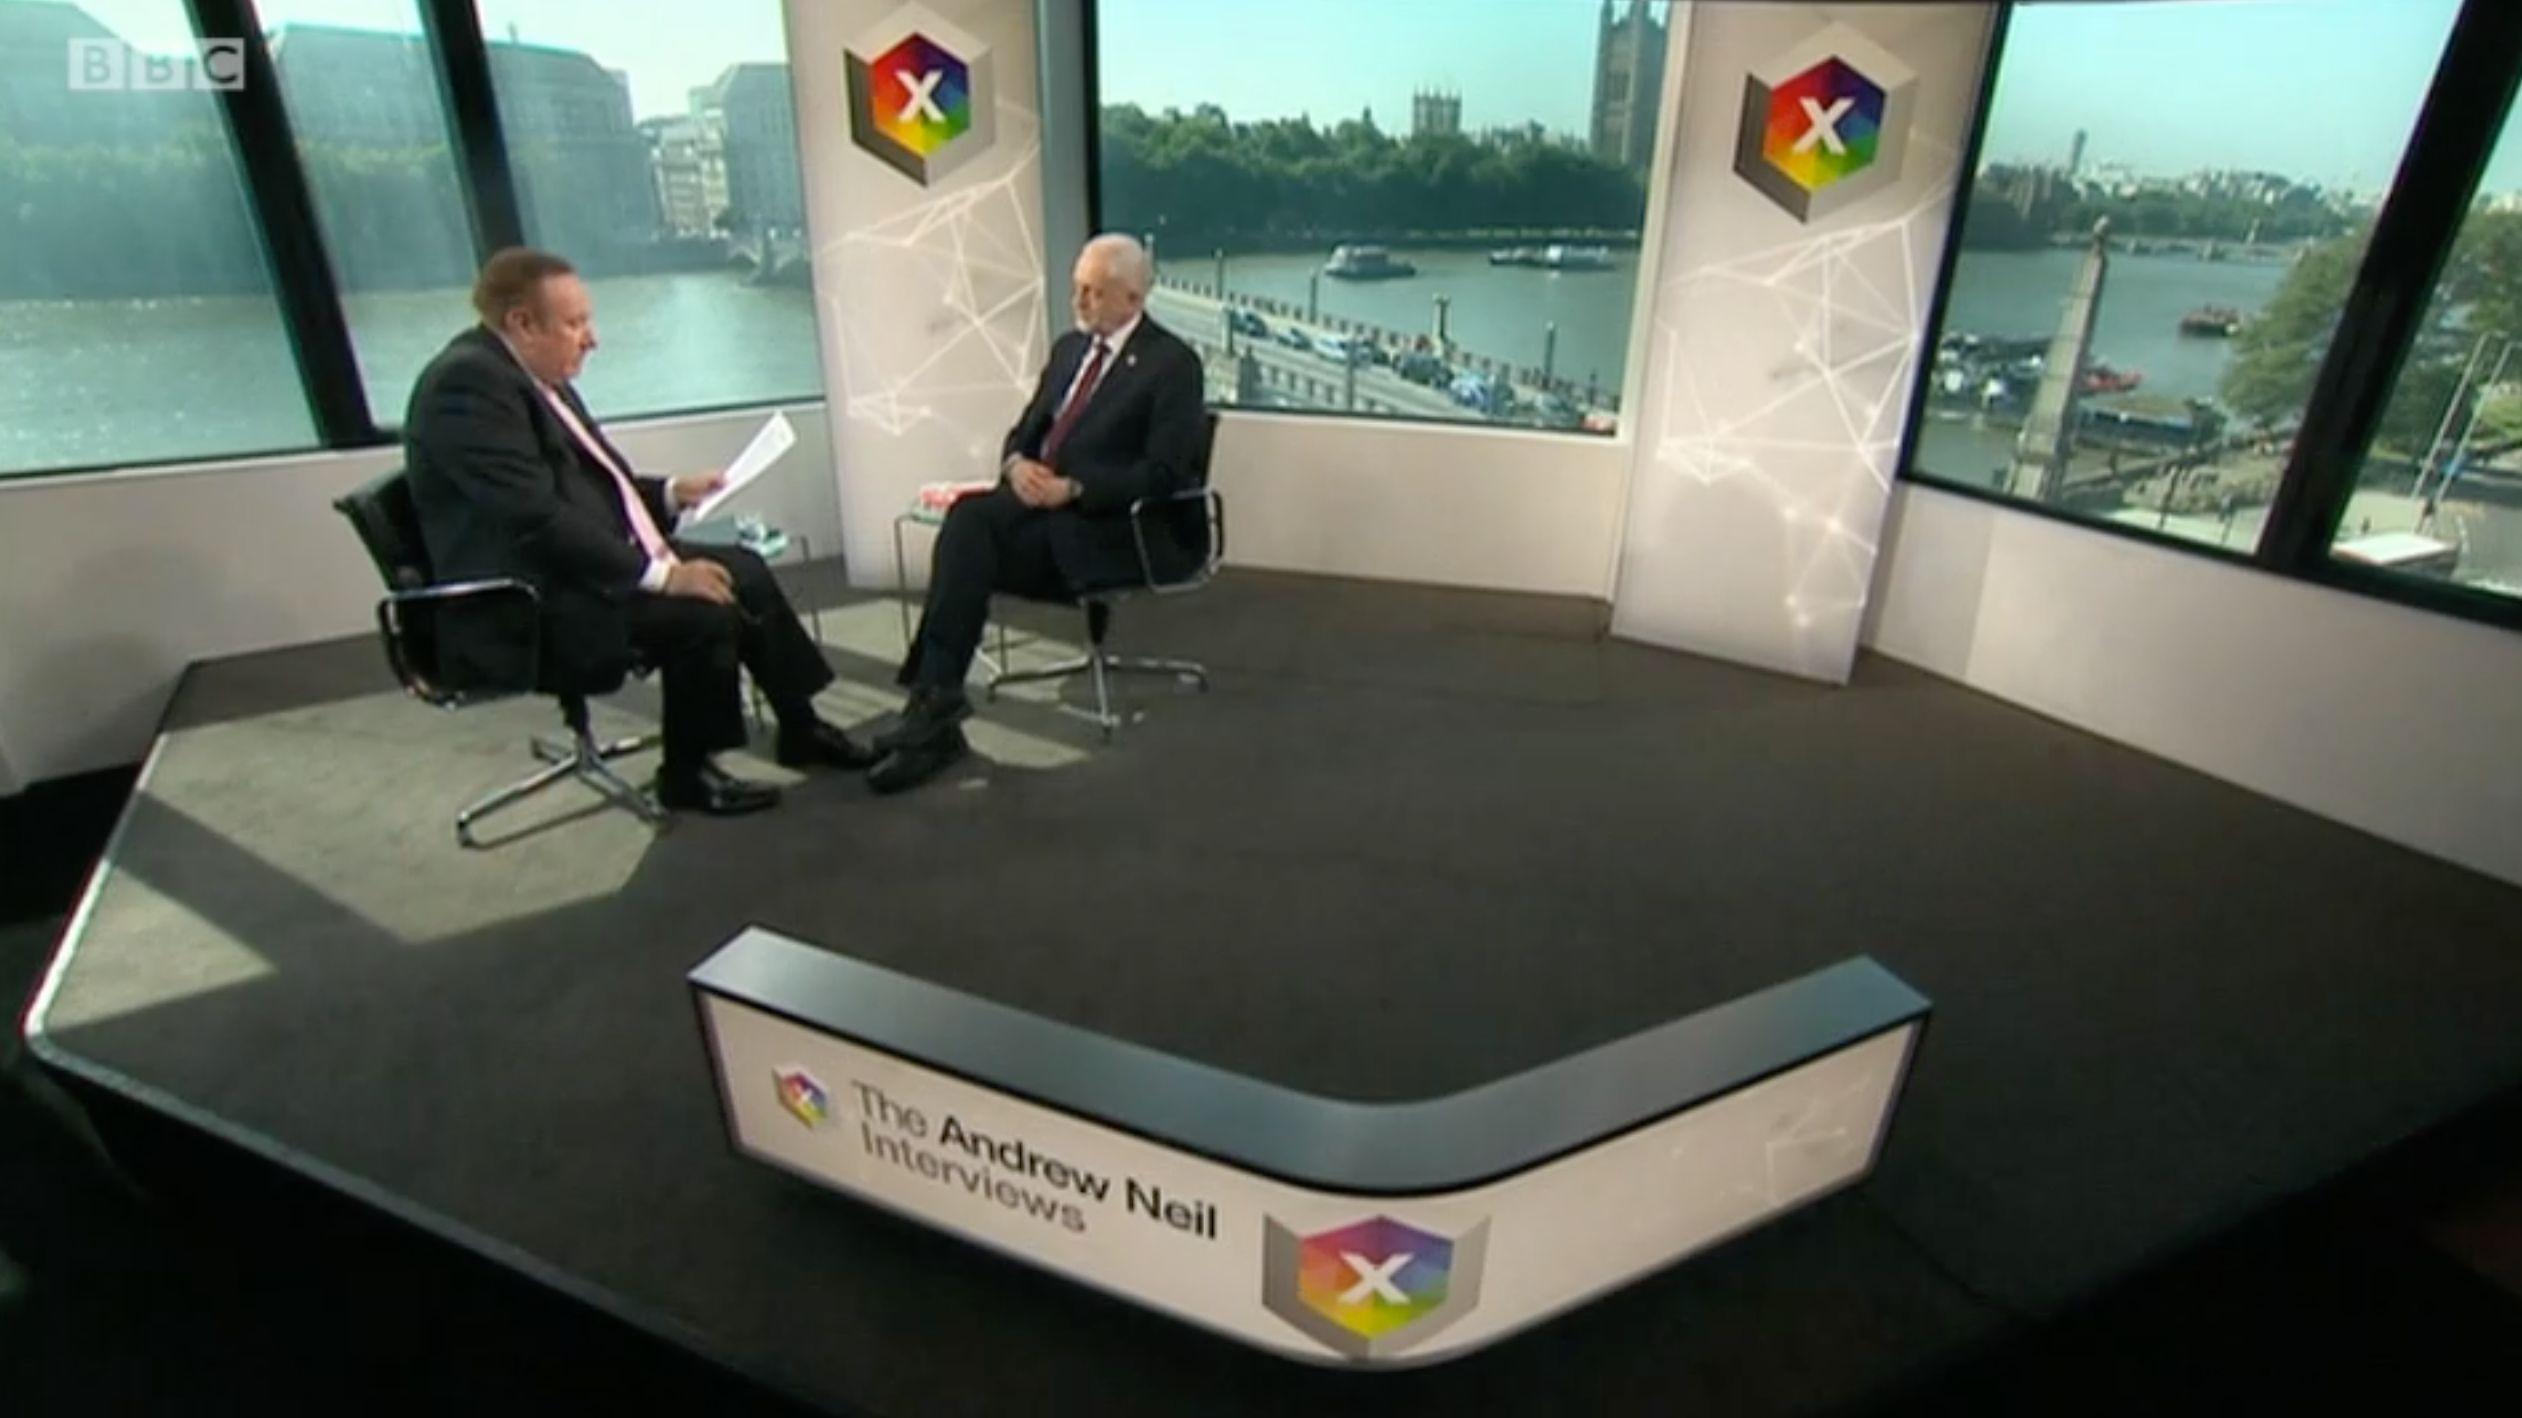 Andrew Neil interviewed Jeremy Corbyn on